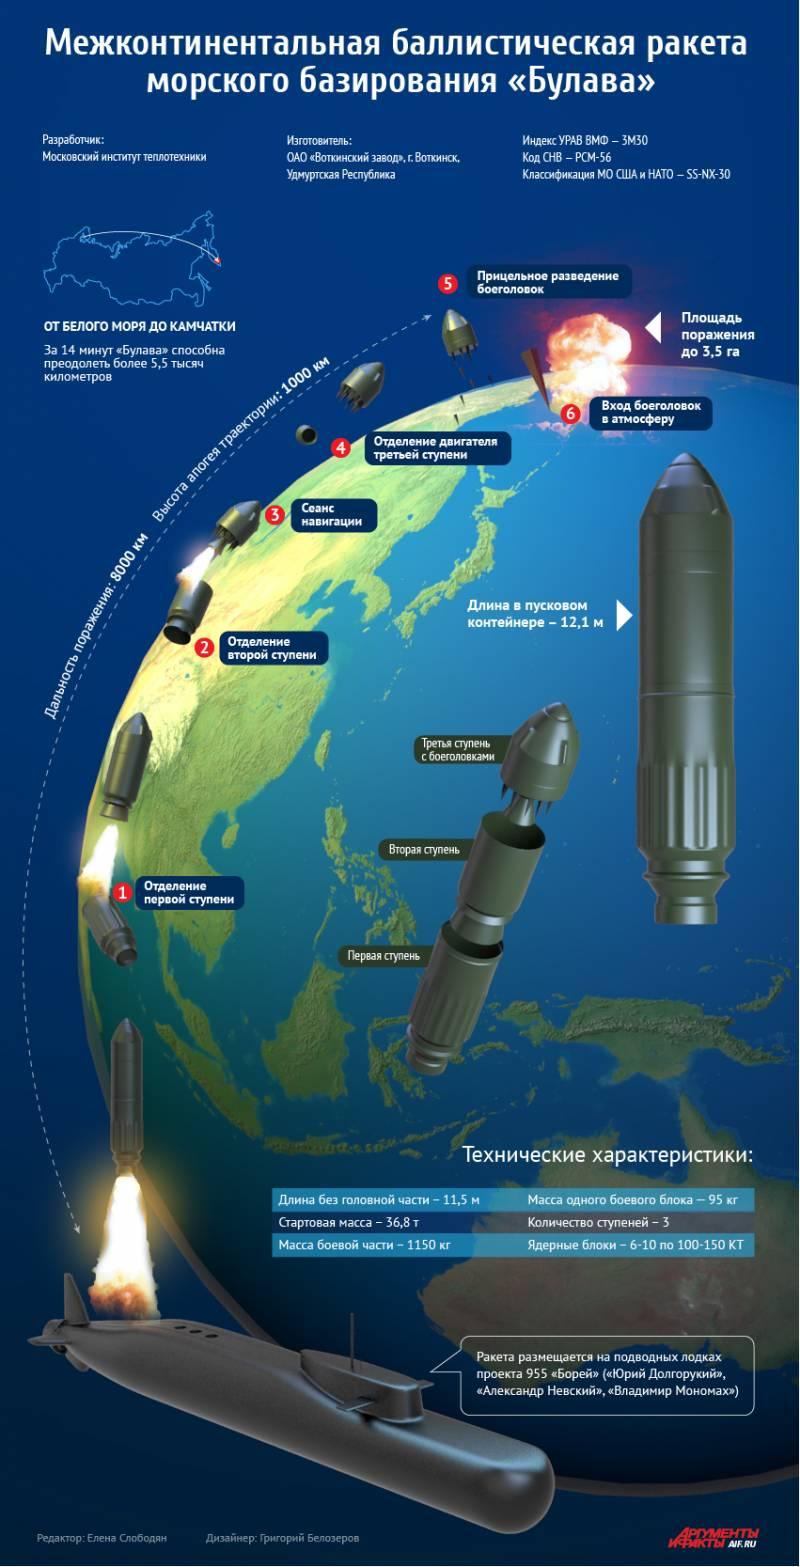 Межконтинентальная баллистическая ракета «Булава». Инфографика